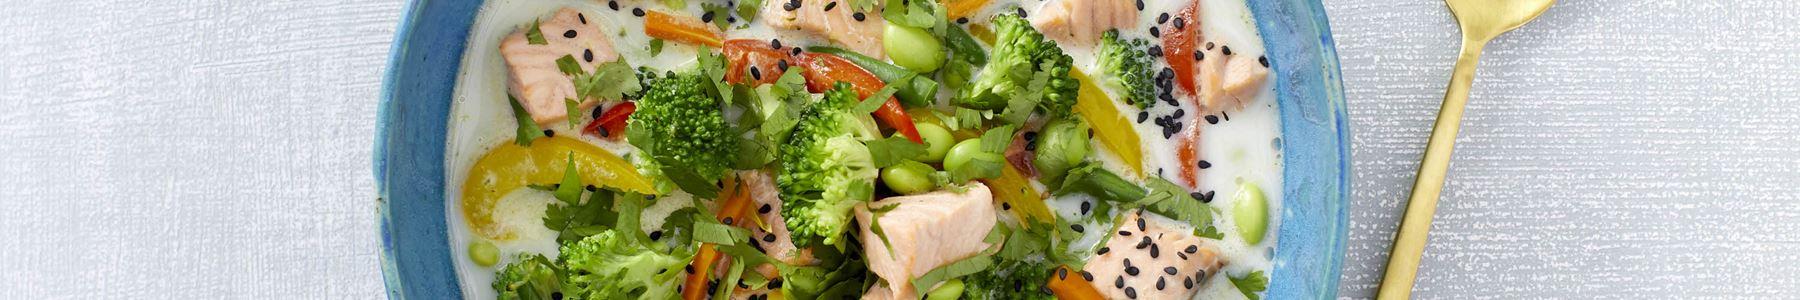 Fedtfattig + Grøntsager + Fisk og skaldyr + Varme supper